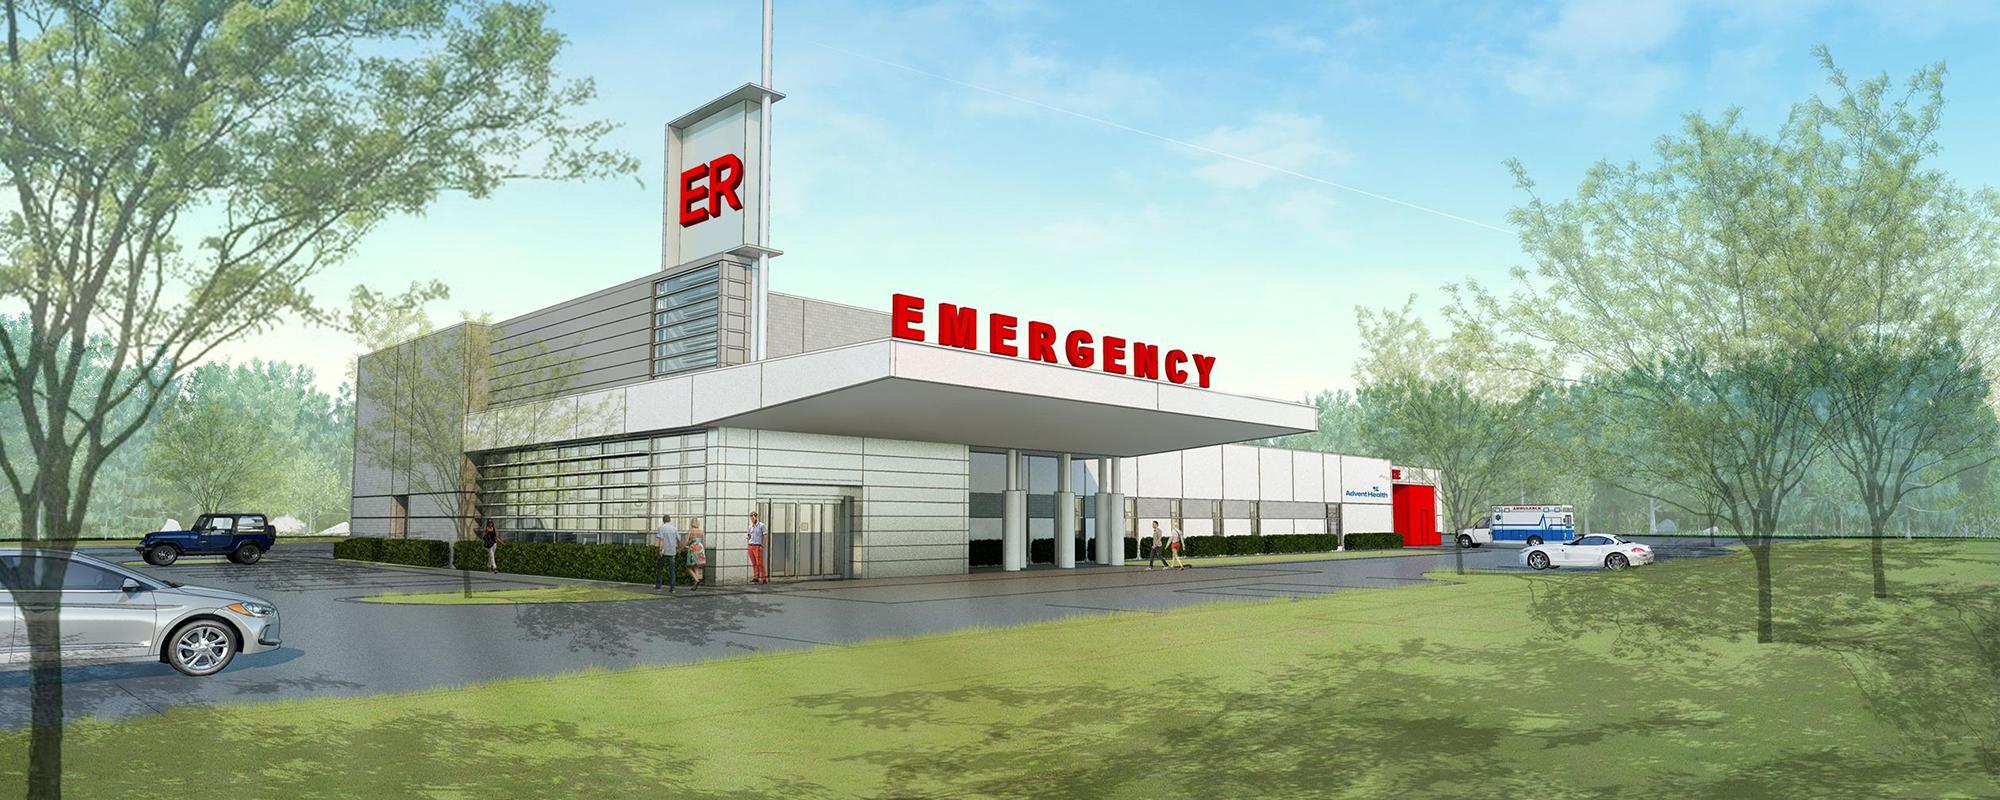 emergency department rendering